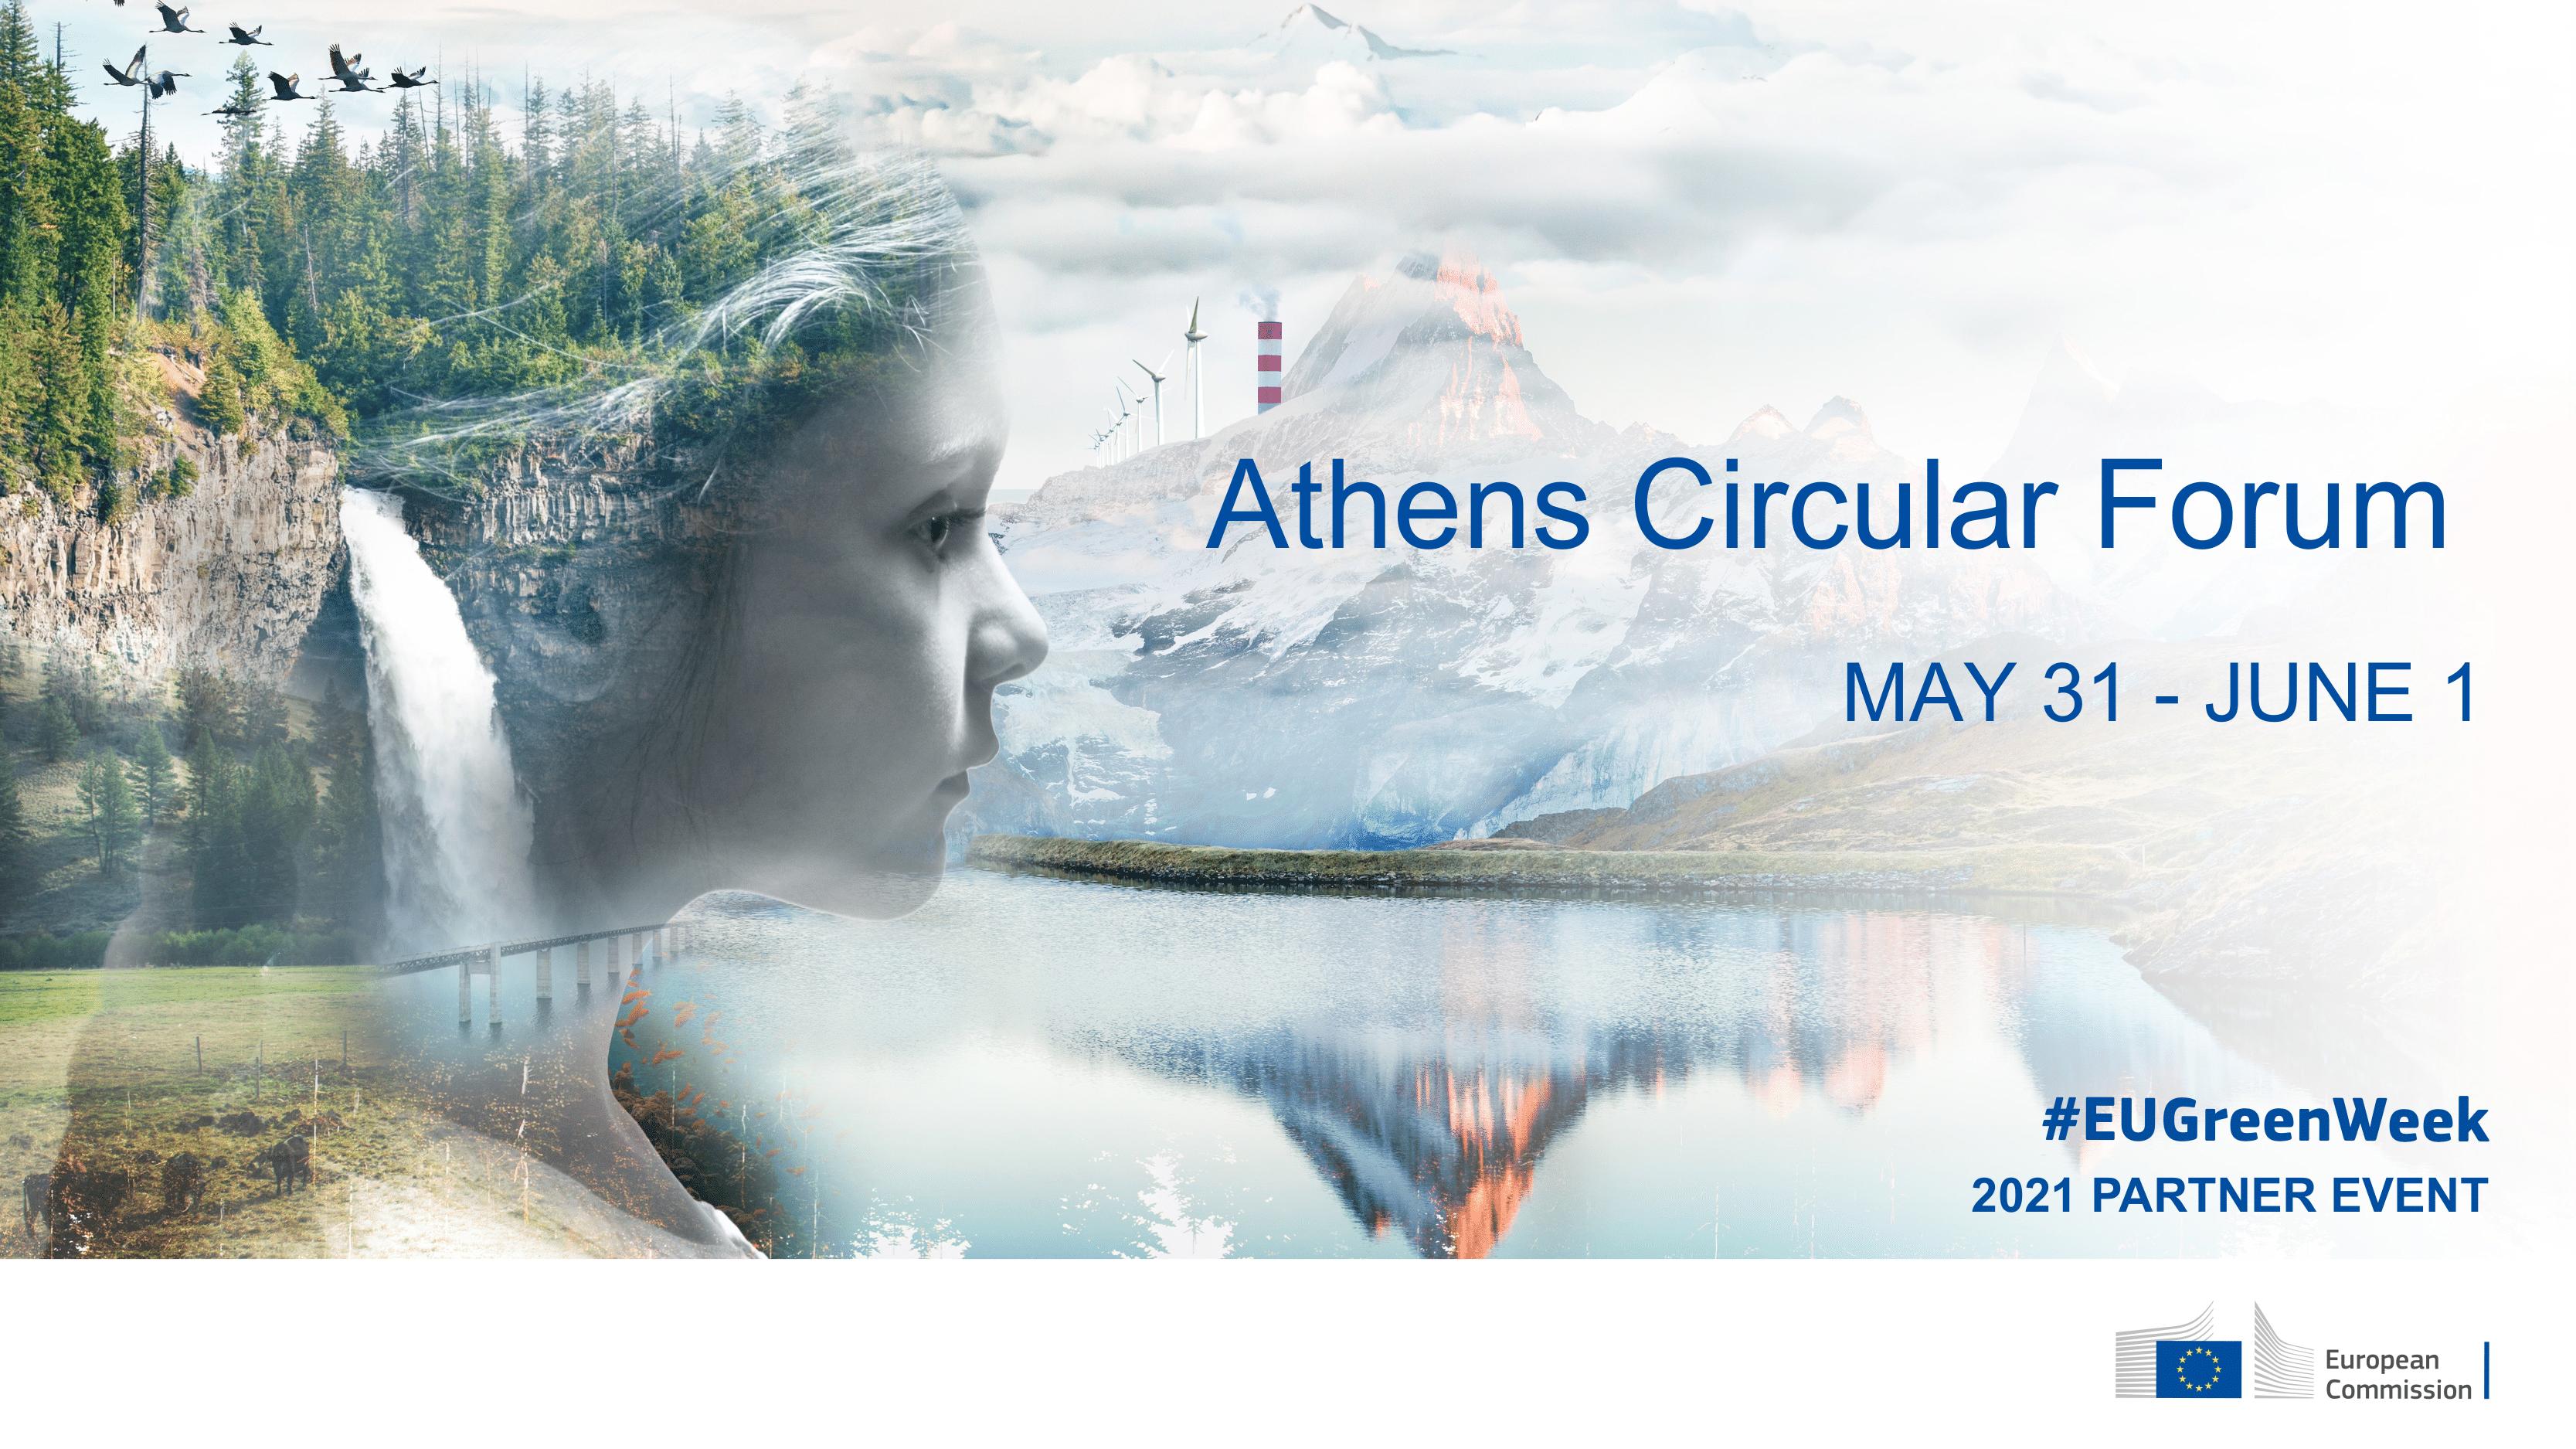 Athens Circular Forum II